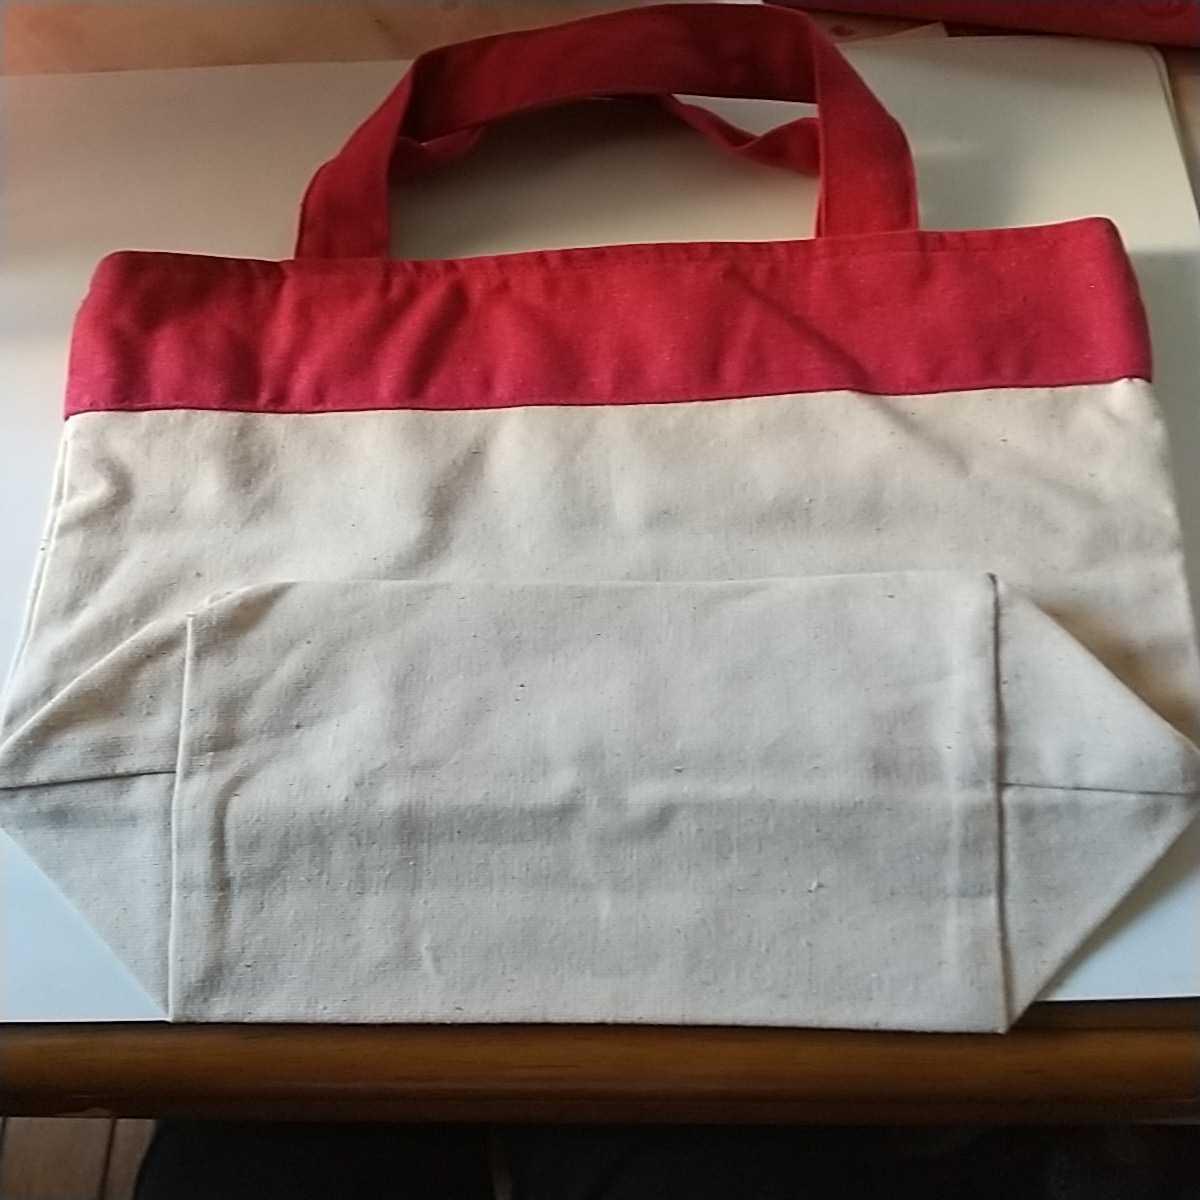 新品 トートバッグ パンドラオリジナルエコバック 横30cm 縦21cmまち11cm お弁当箱入れ 赤 送料無料_画像2